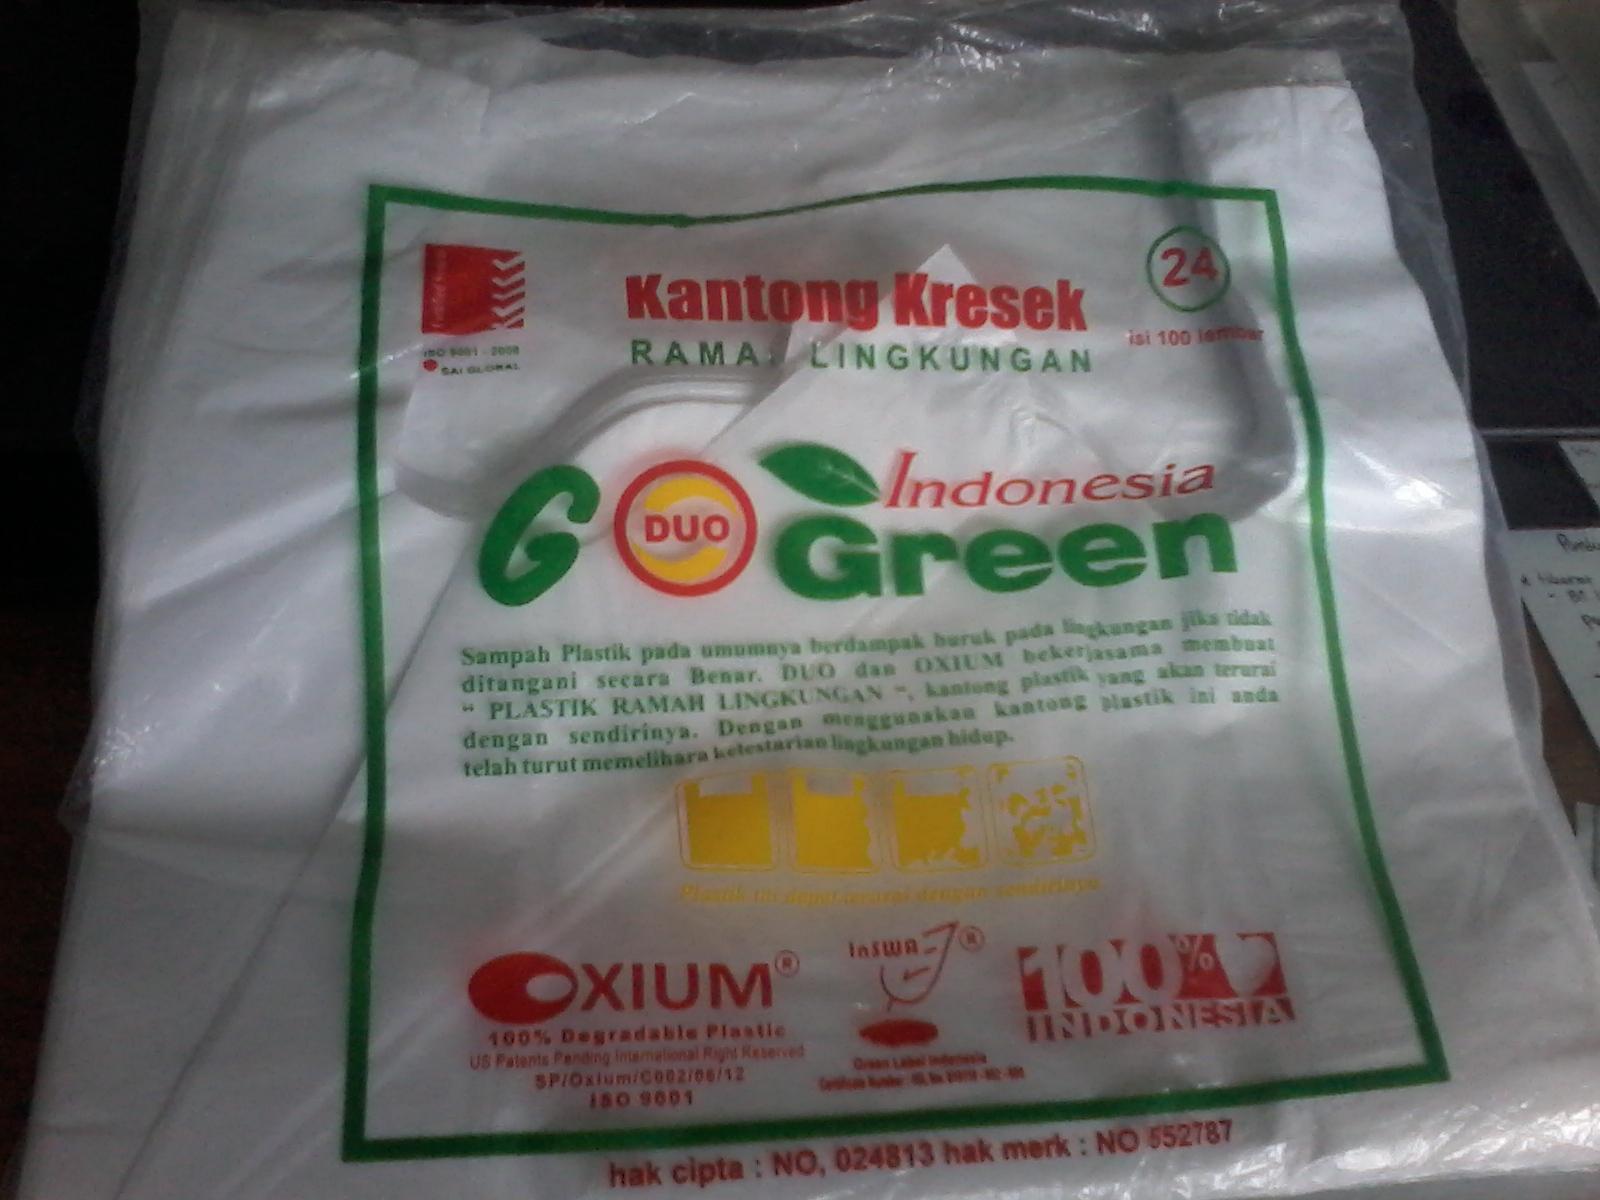 Distributor Plastik Kresek Hdpe Kotak Makan Duo Sunday Green Dengan Menggunakan Kantong Ini Anda Telah Turut Memelihara Kelestarian Lingkungan Hidup